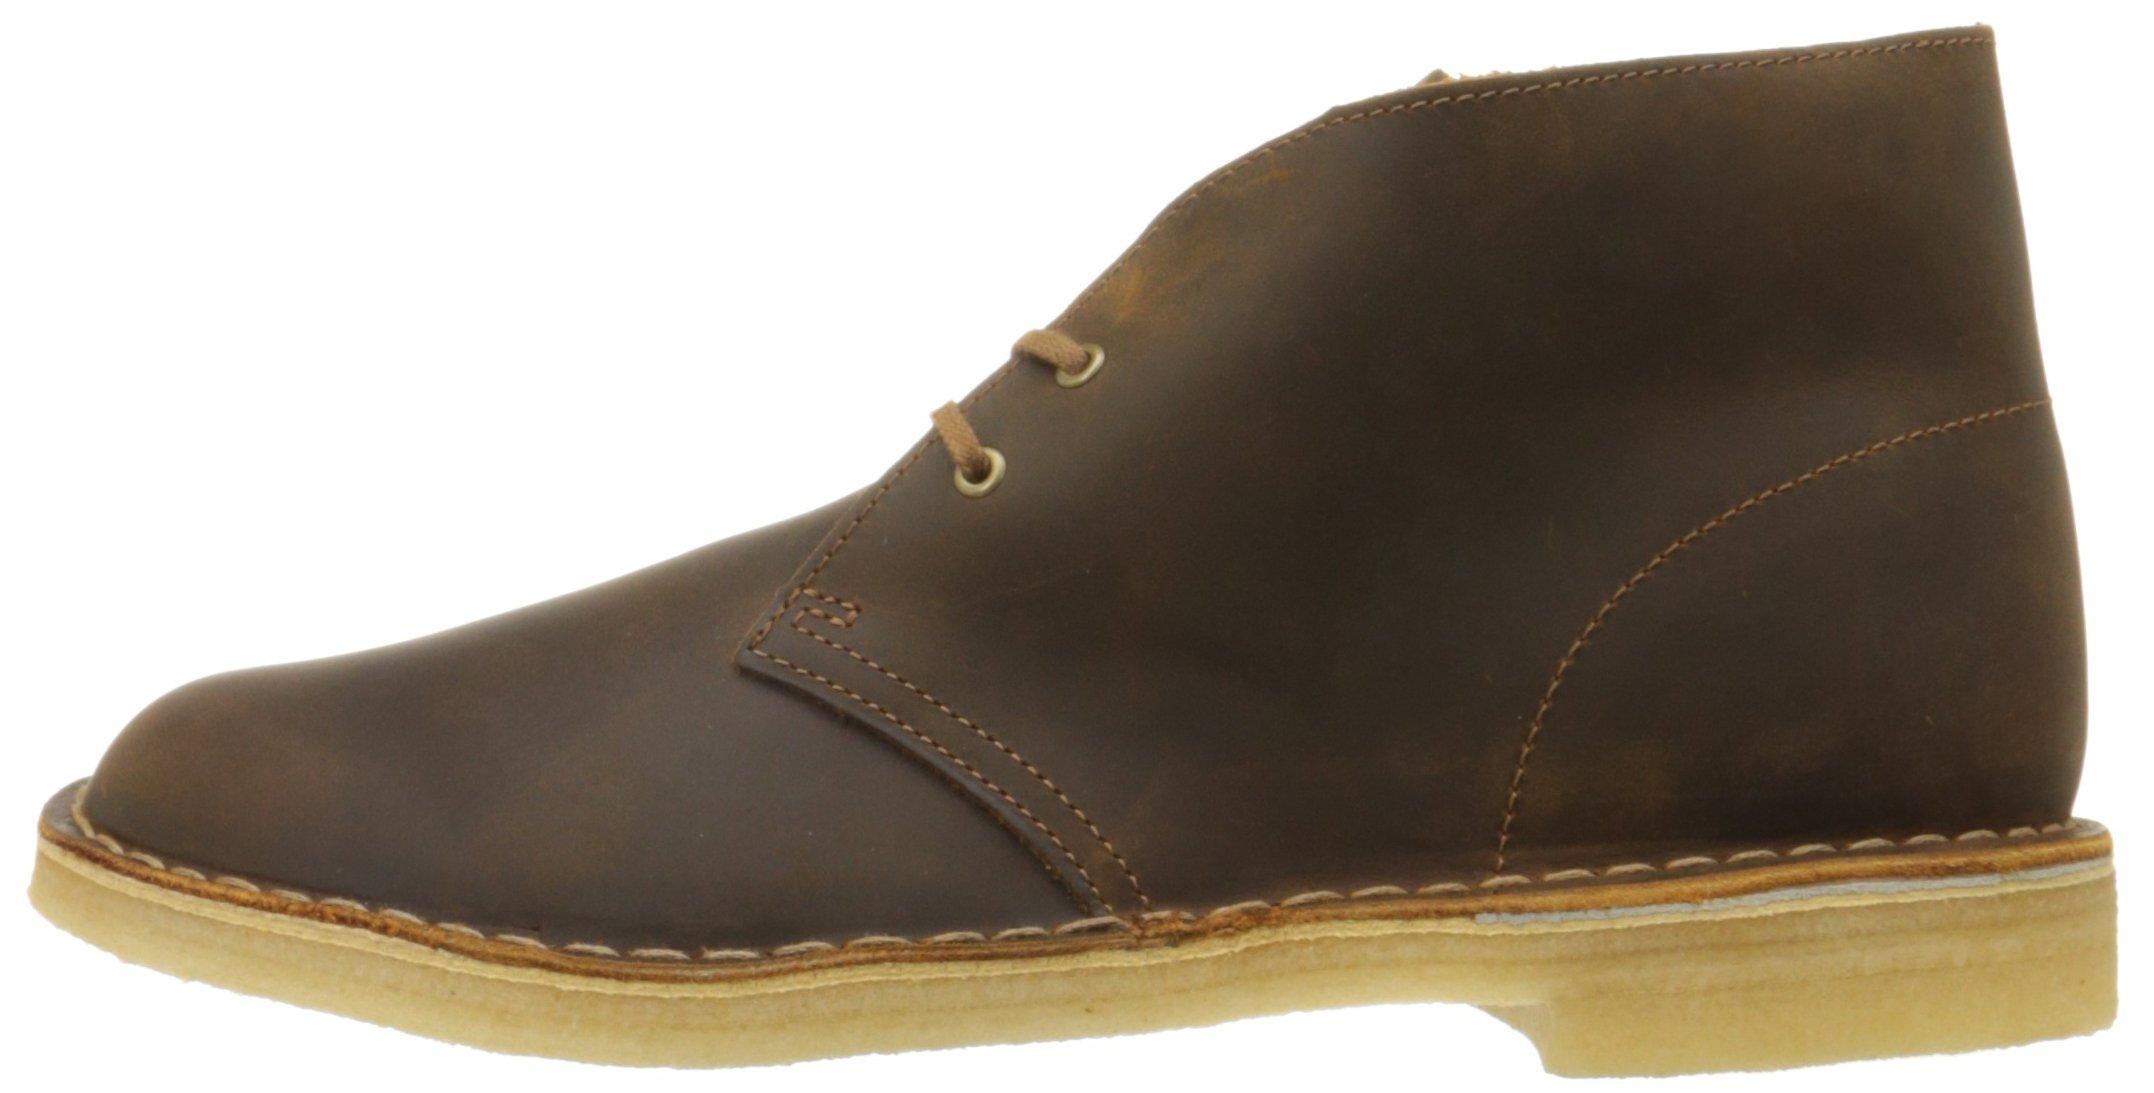 Clarks Originals Men's Desert Boot,Beeswax,9.5 M US by CLARKS (Image #5)